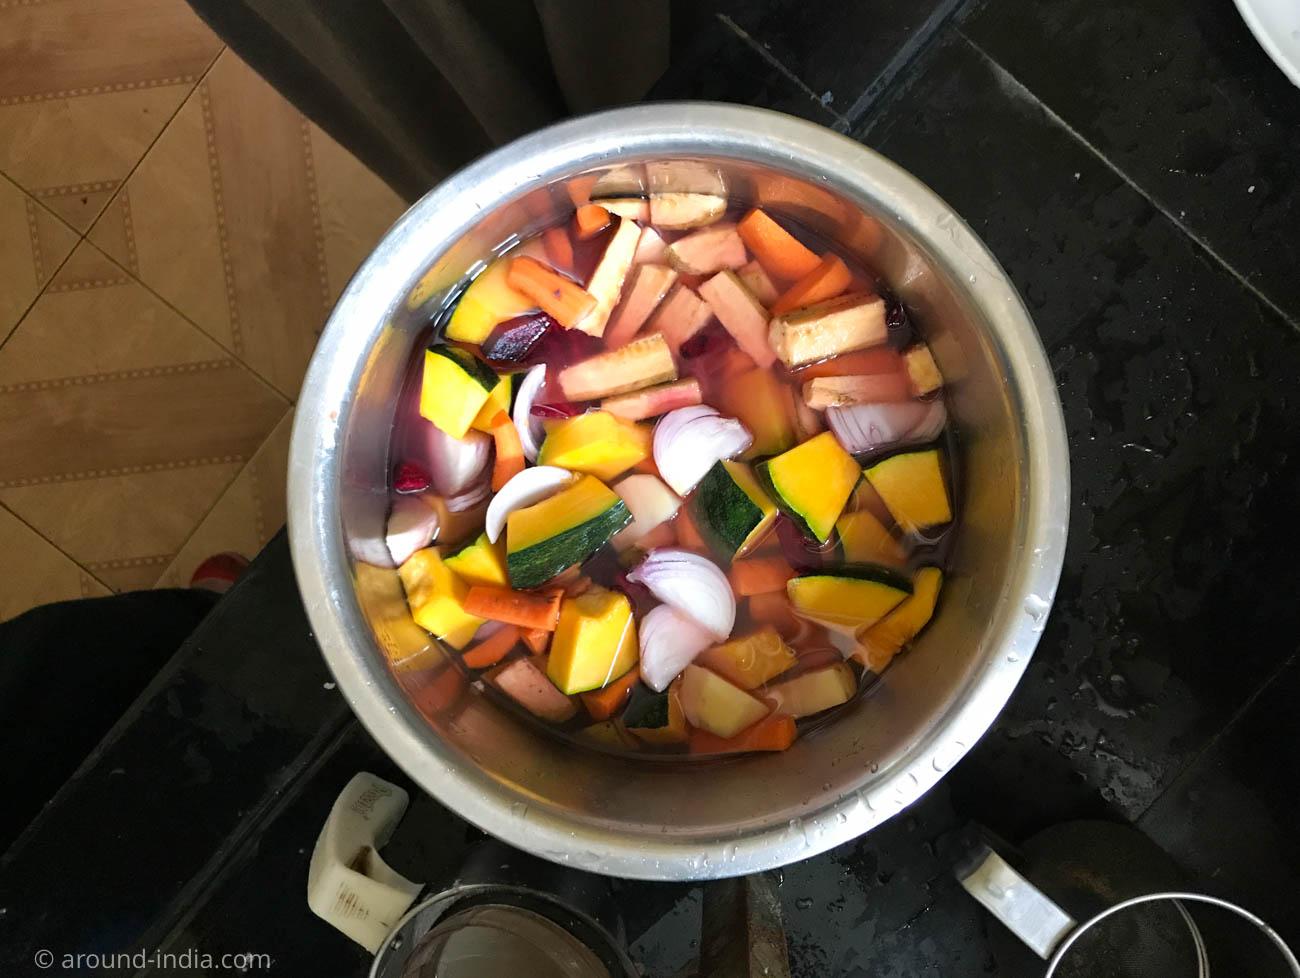 サンバル用にカットされた野菜たち。バナナ、ビーツ、人参、玉ねぎなど